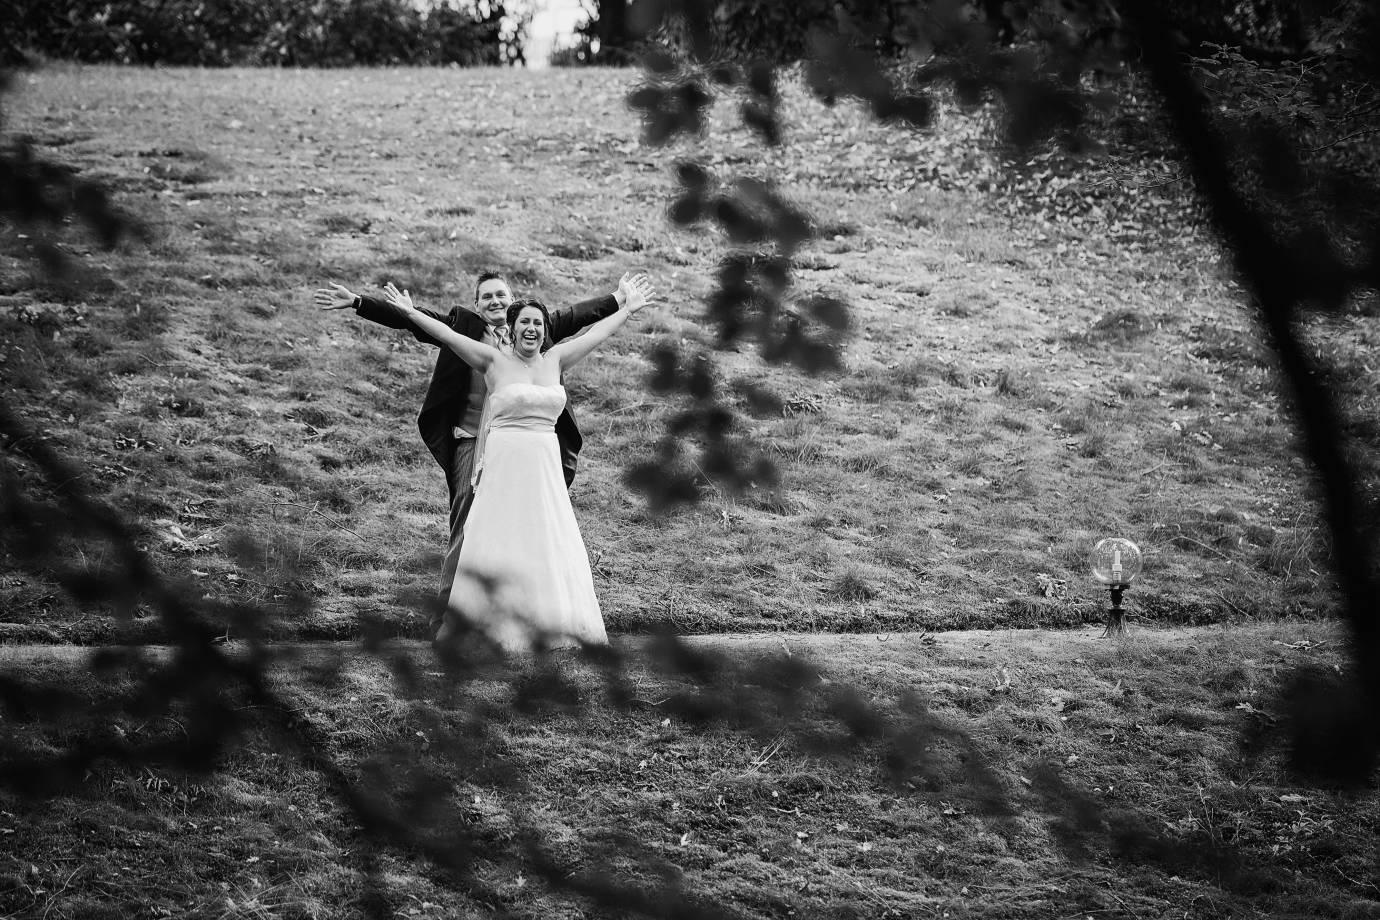 hochzeitsfotograf vegesack 026 - Victoria+Tobias